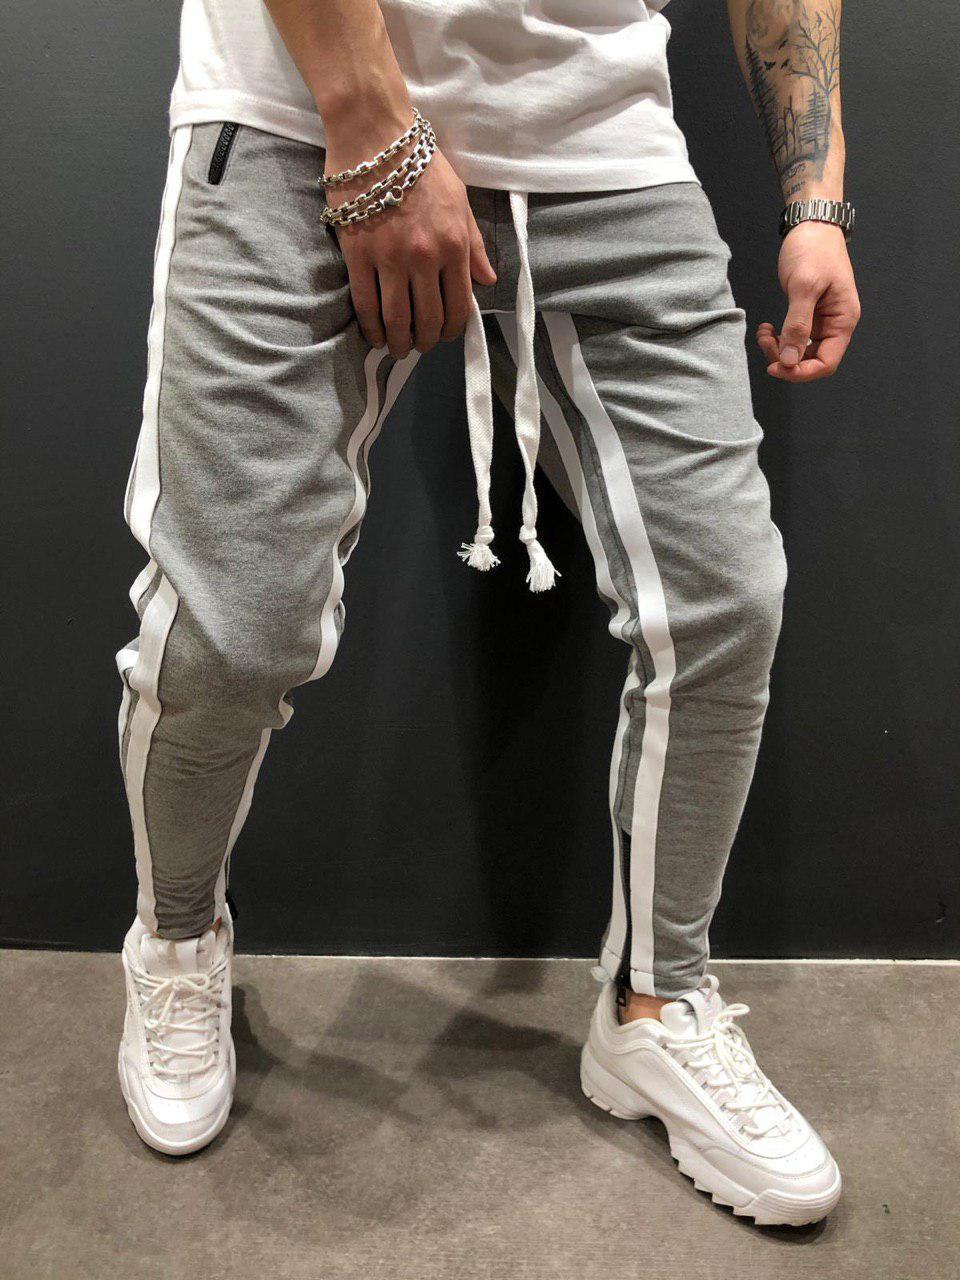 Мужские брюки для отдыха, бодибилдинга, с разрезом, на молнии, для ног, для движения, брюки для бега, спортивные штаны - Цвет: gray